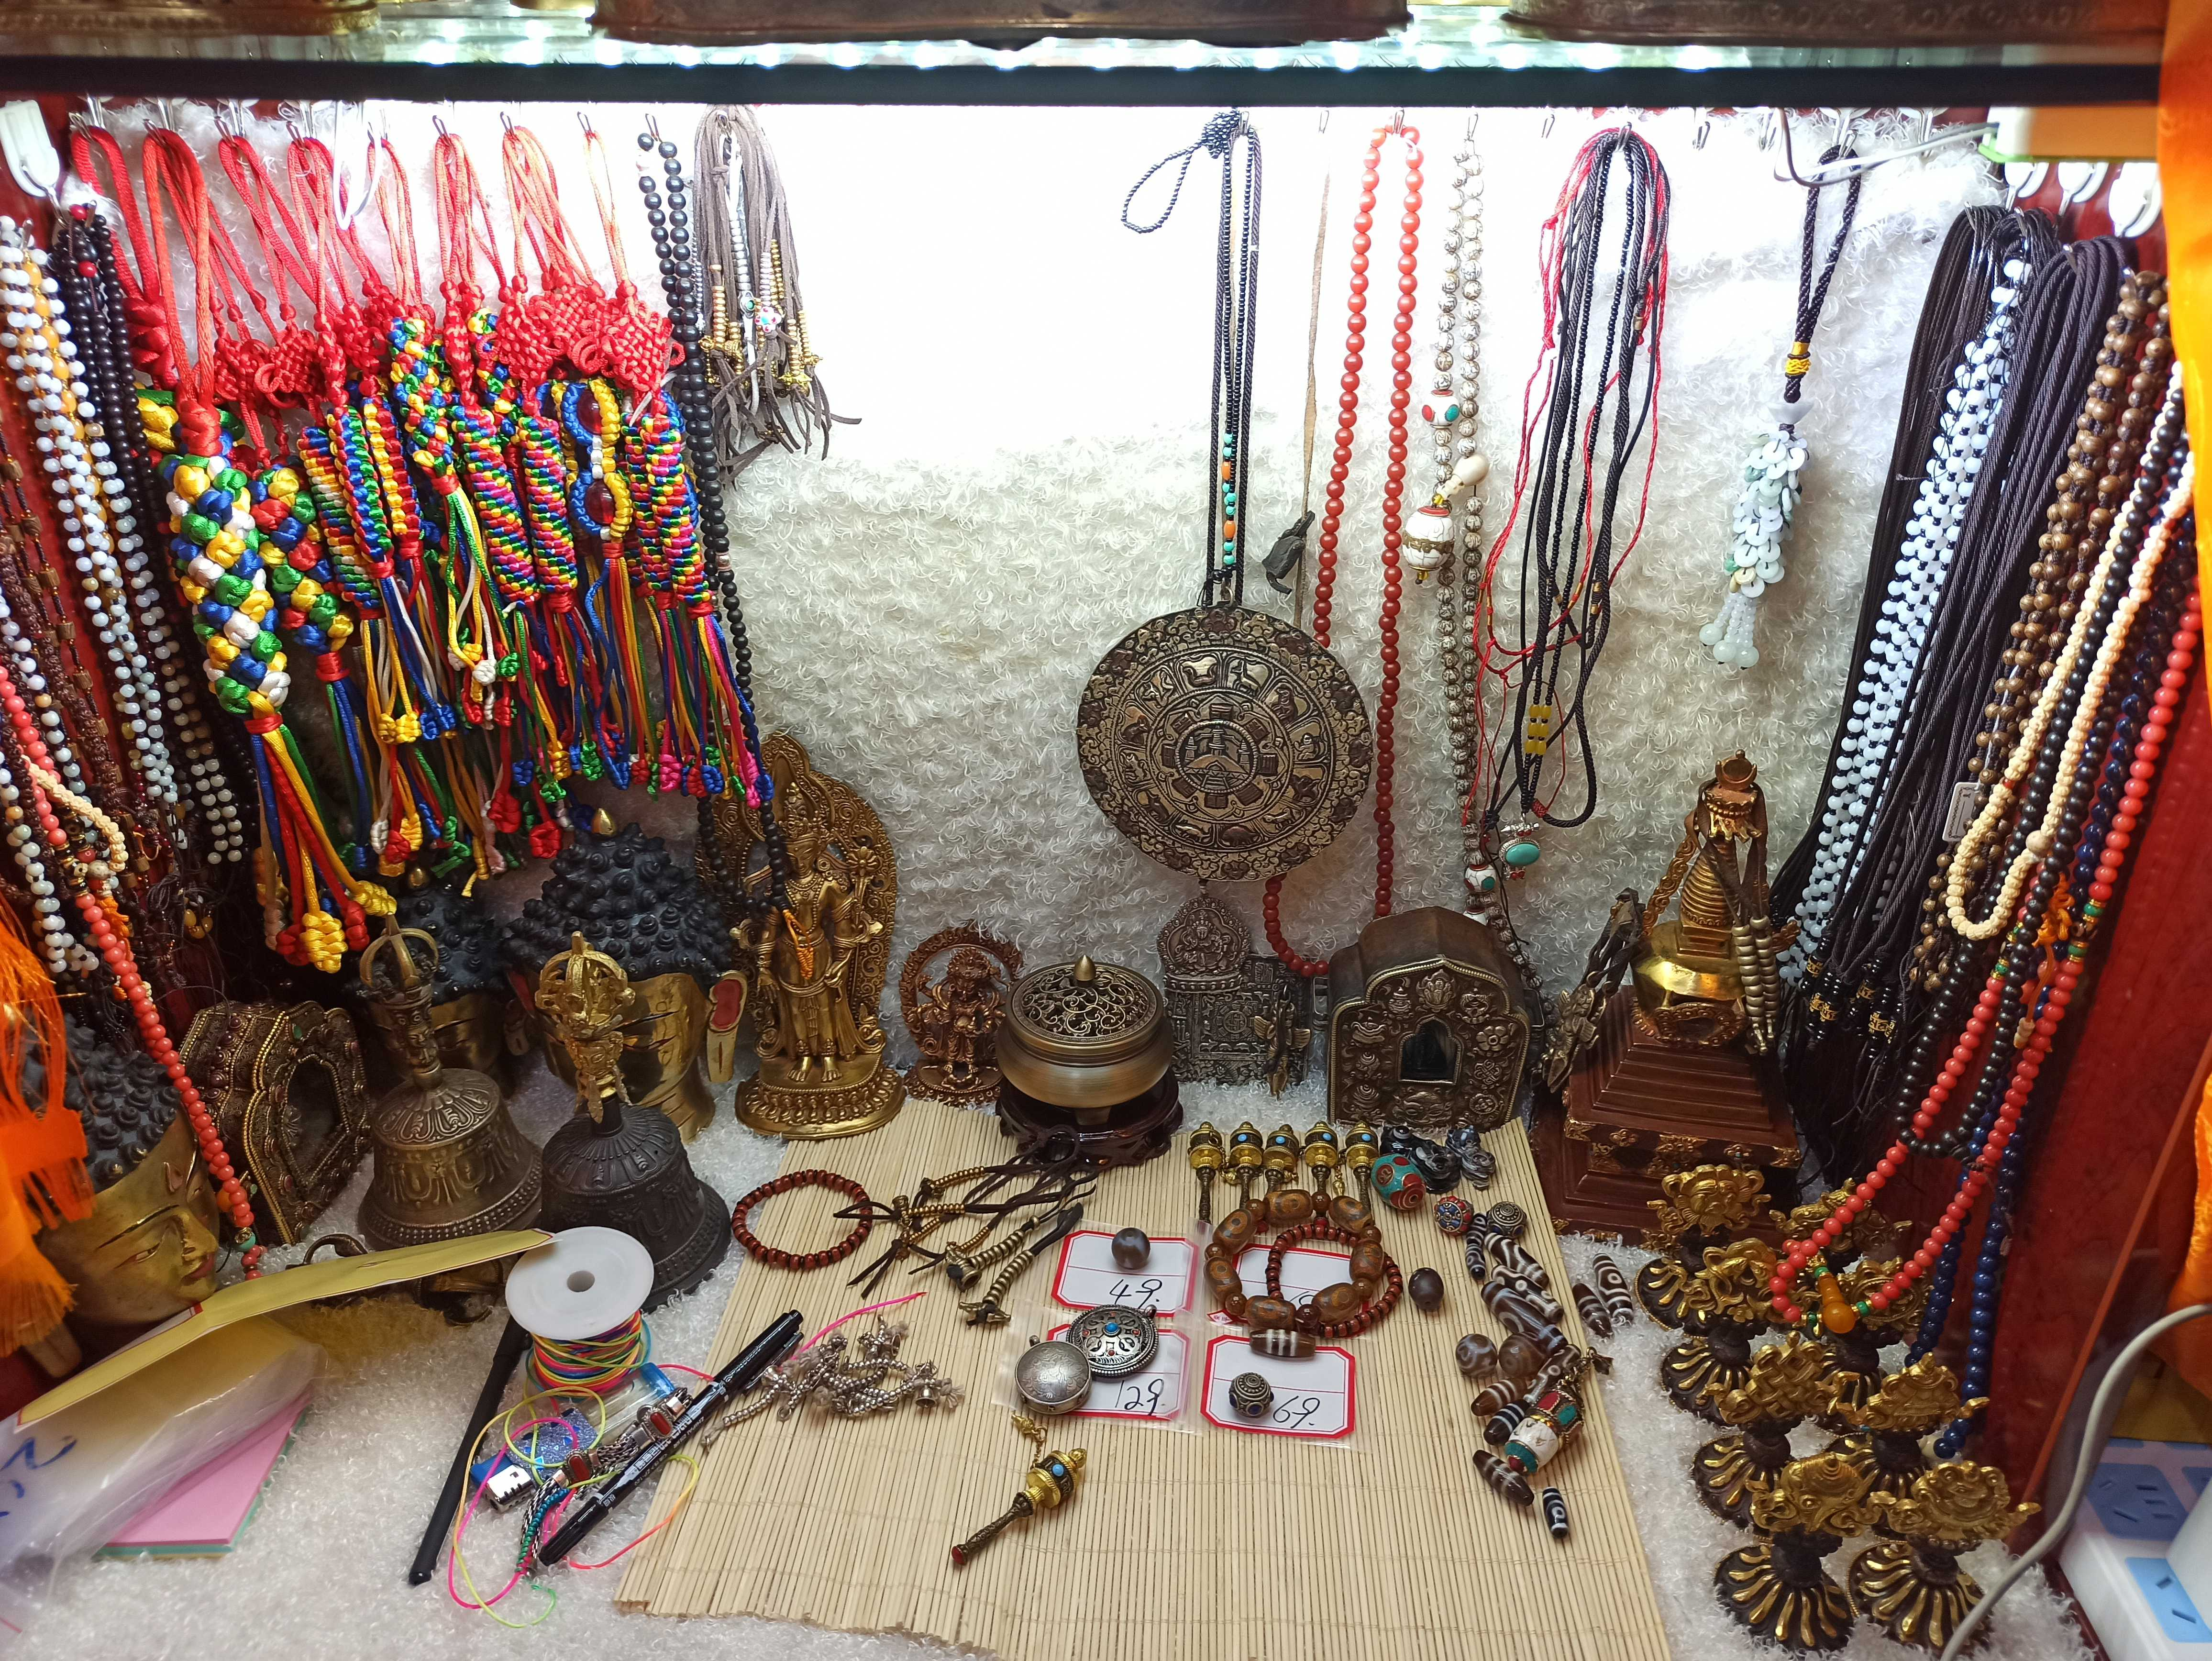 �f福佛缘阁尼泊尔老件小  天珠各种精品法器佛像唐卡直播间拍链接